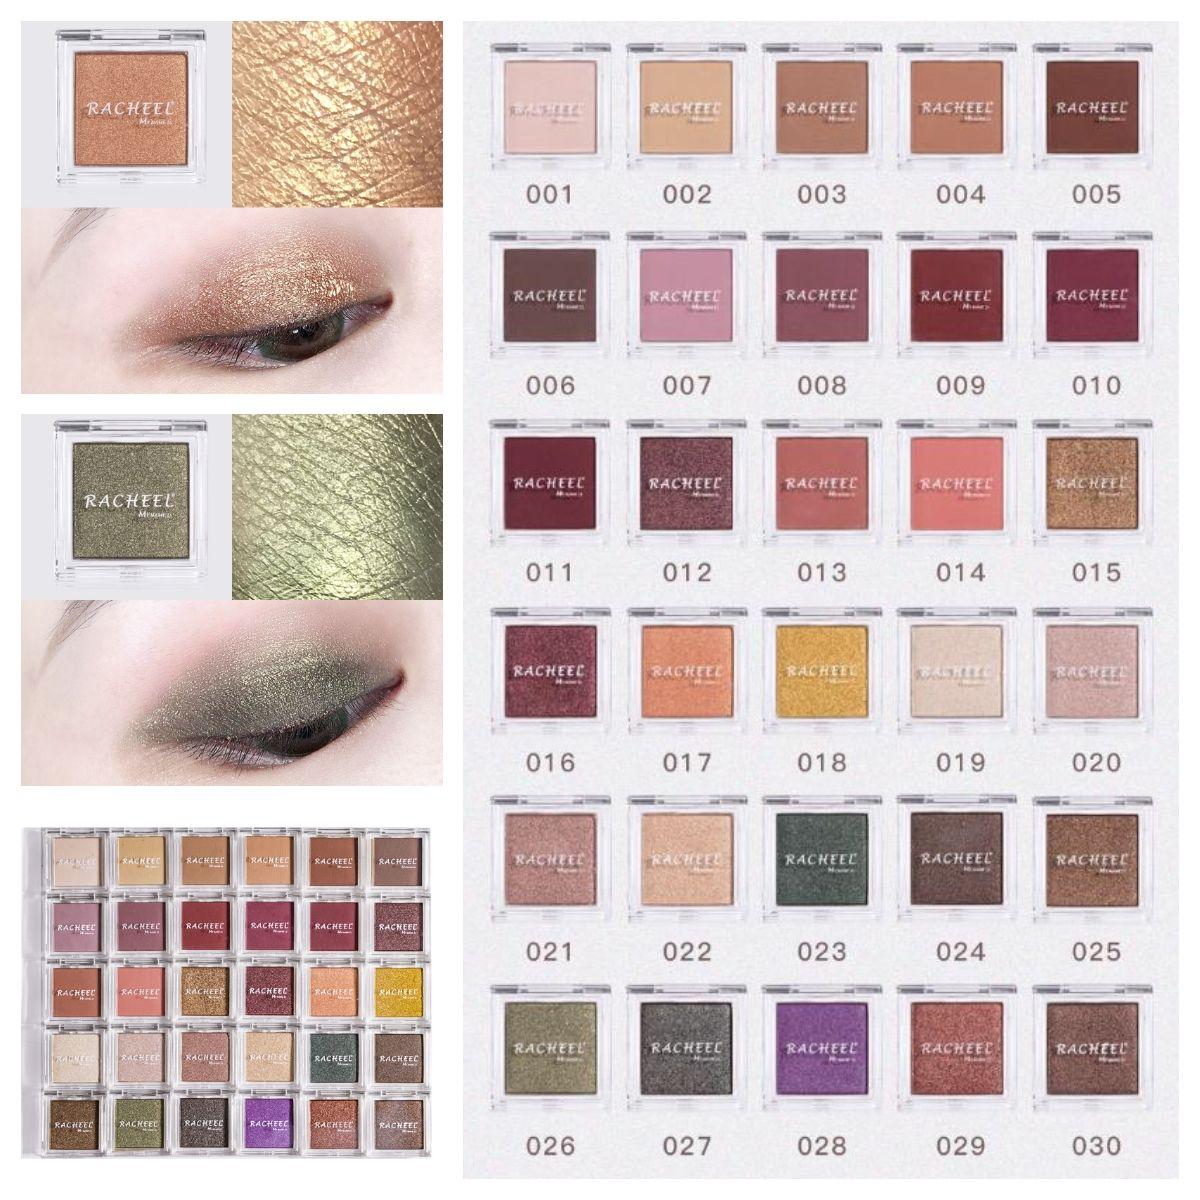 2019 neue 30 farben monochrome eyeshadow matte schimmern polarizing augen make-up feiner puder lidschatten freie kombination